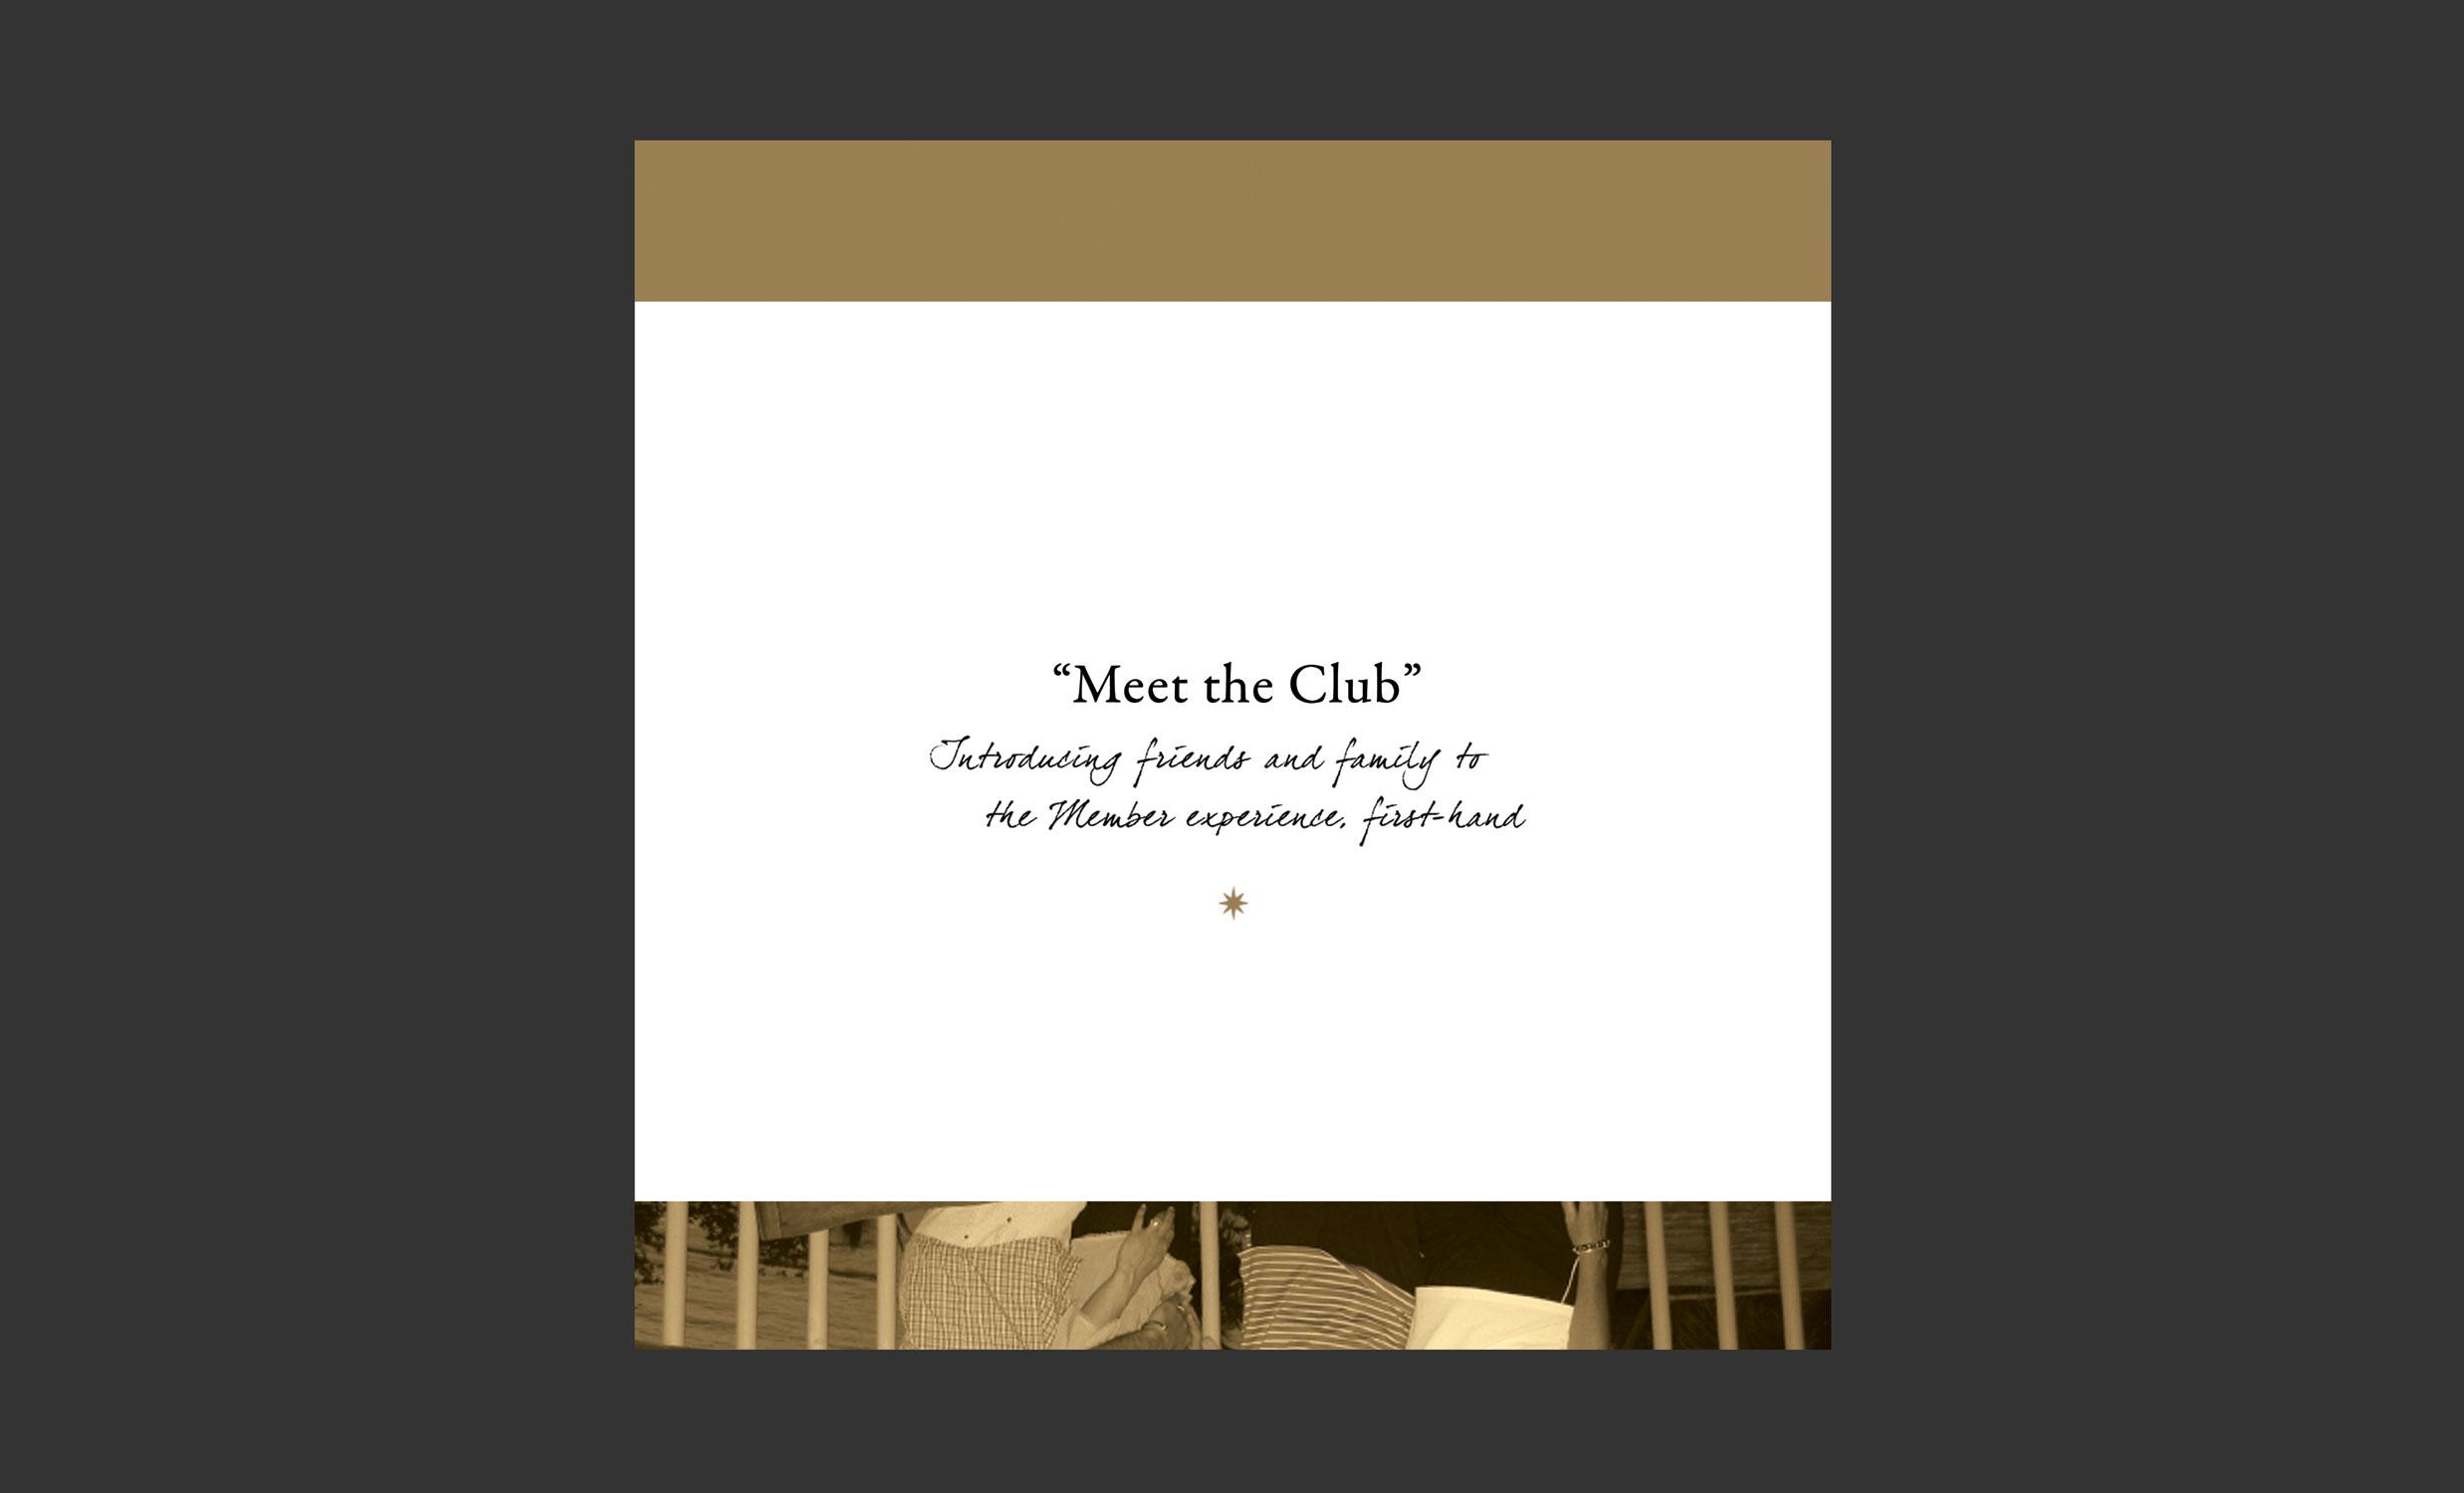 Meet-the-Club-concept-2-2a.jpg